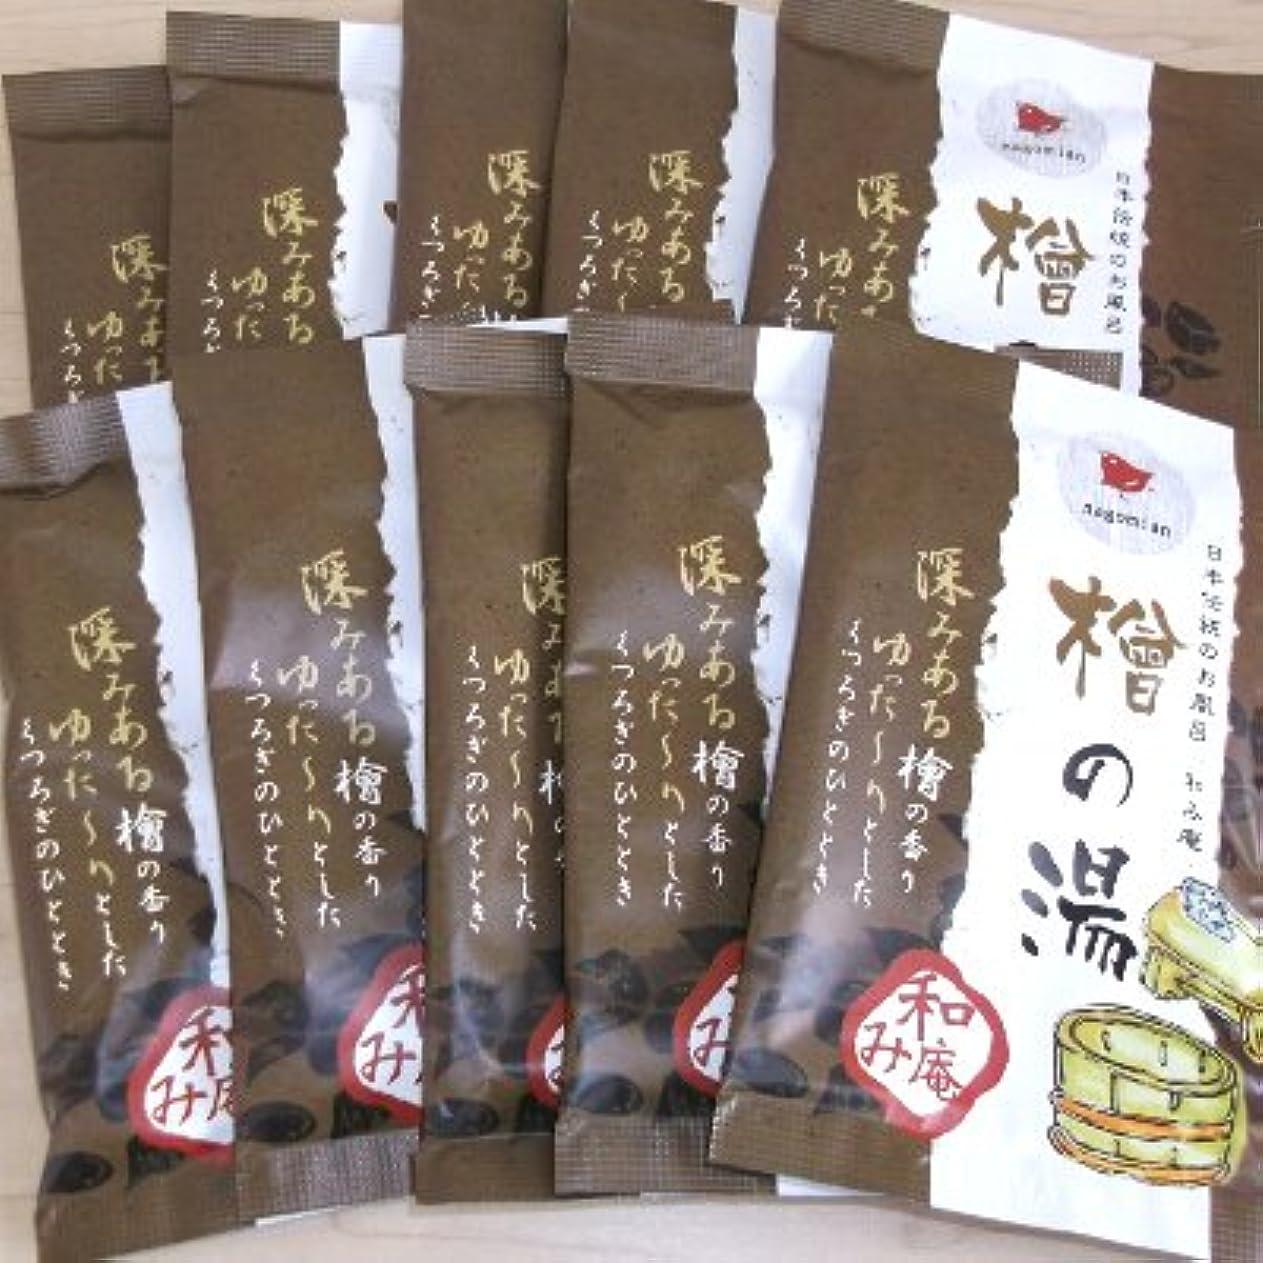 不承認位置する不快な和み庵 檜の湯 10包セット